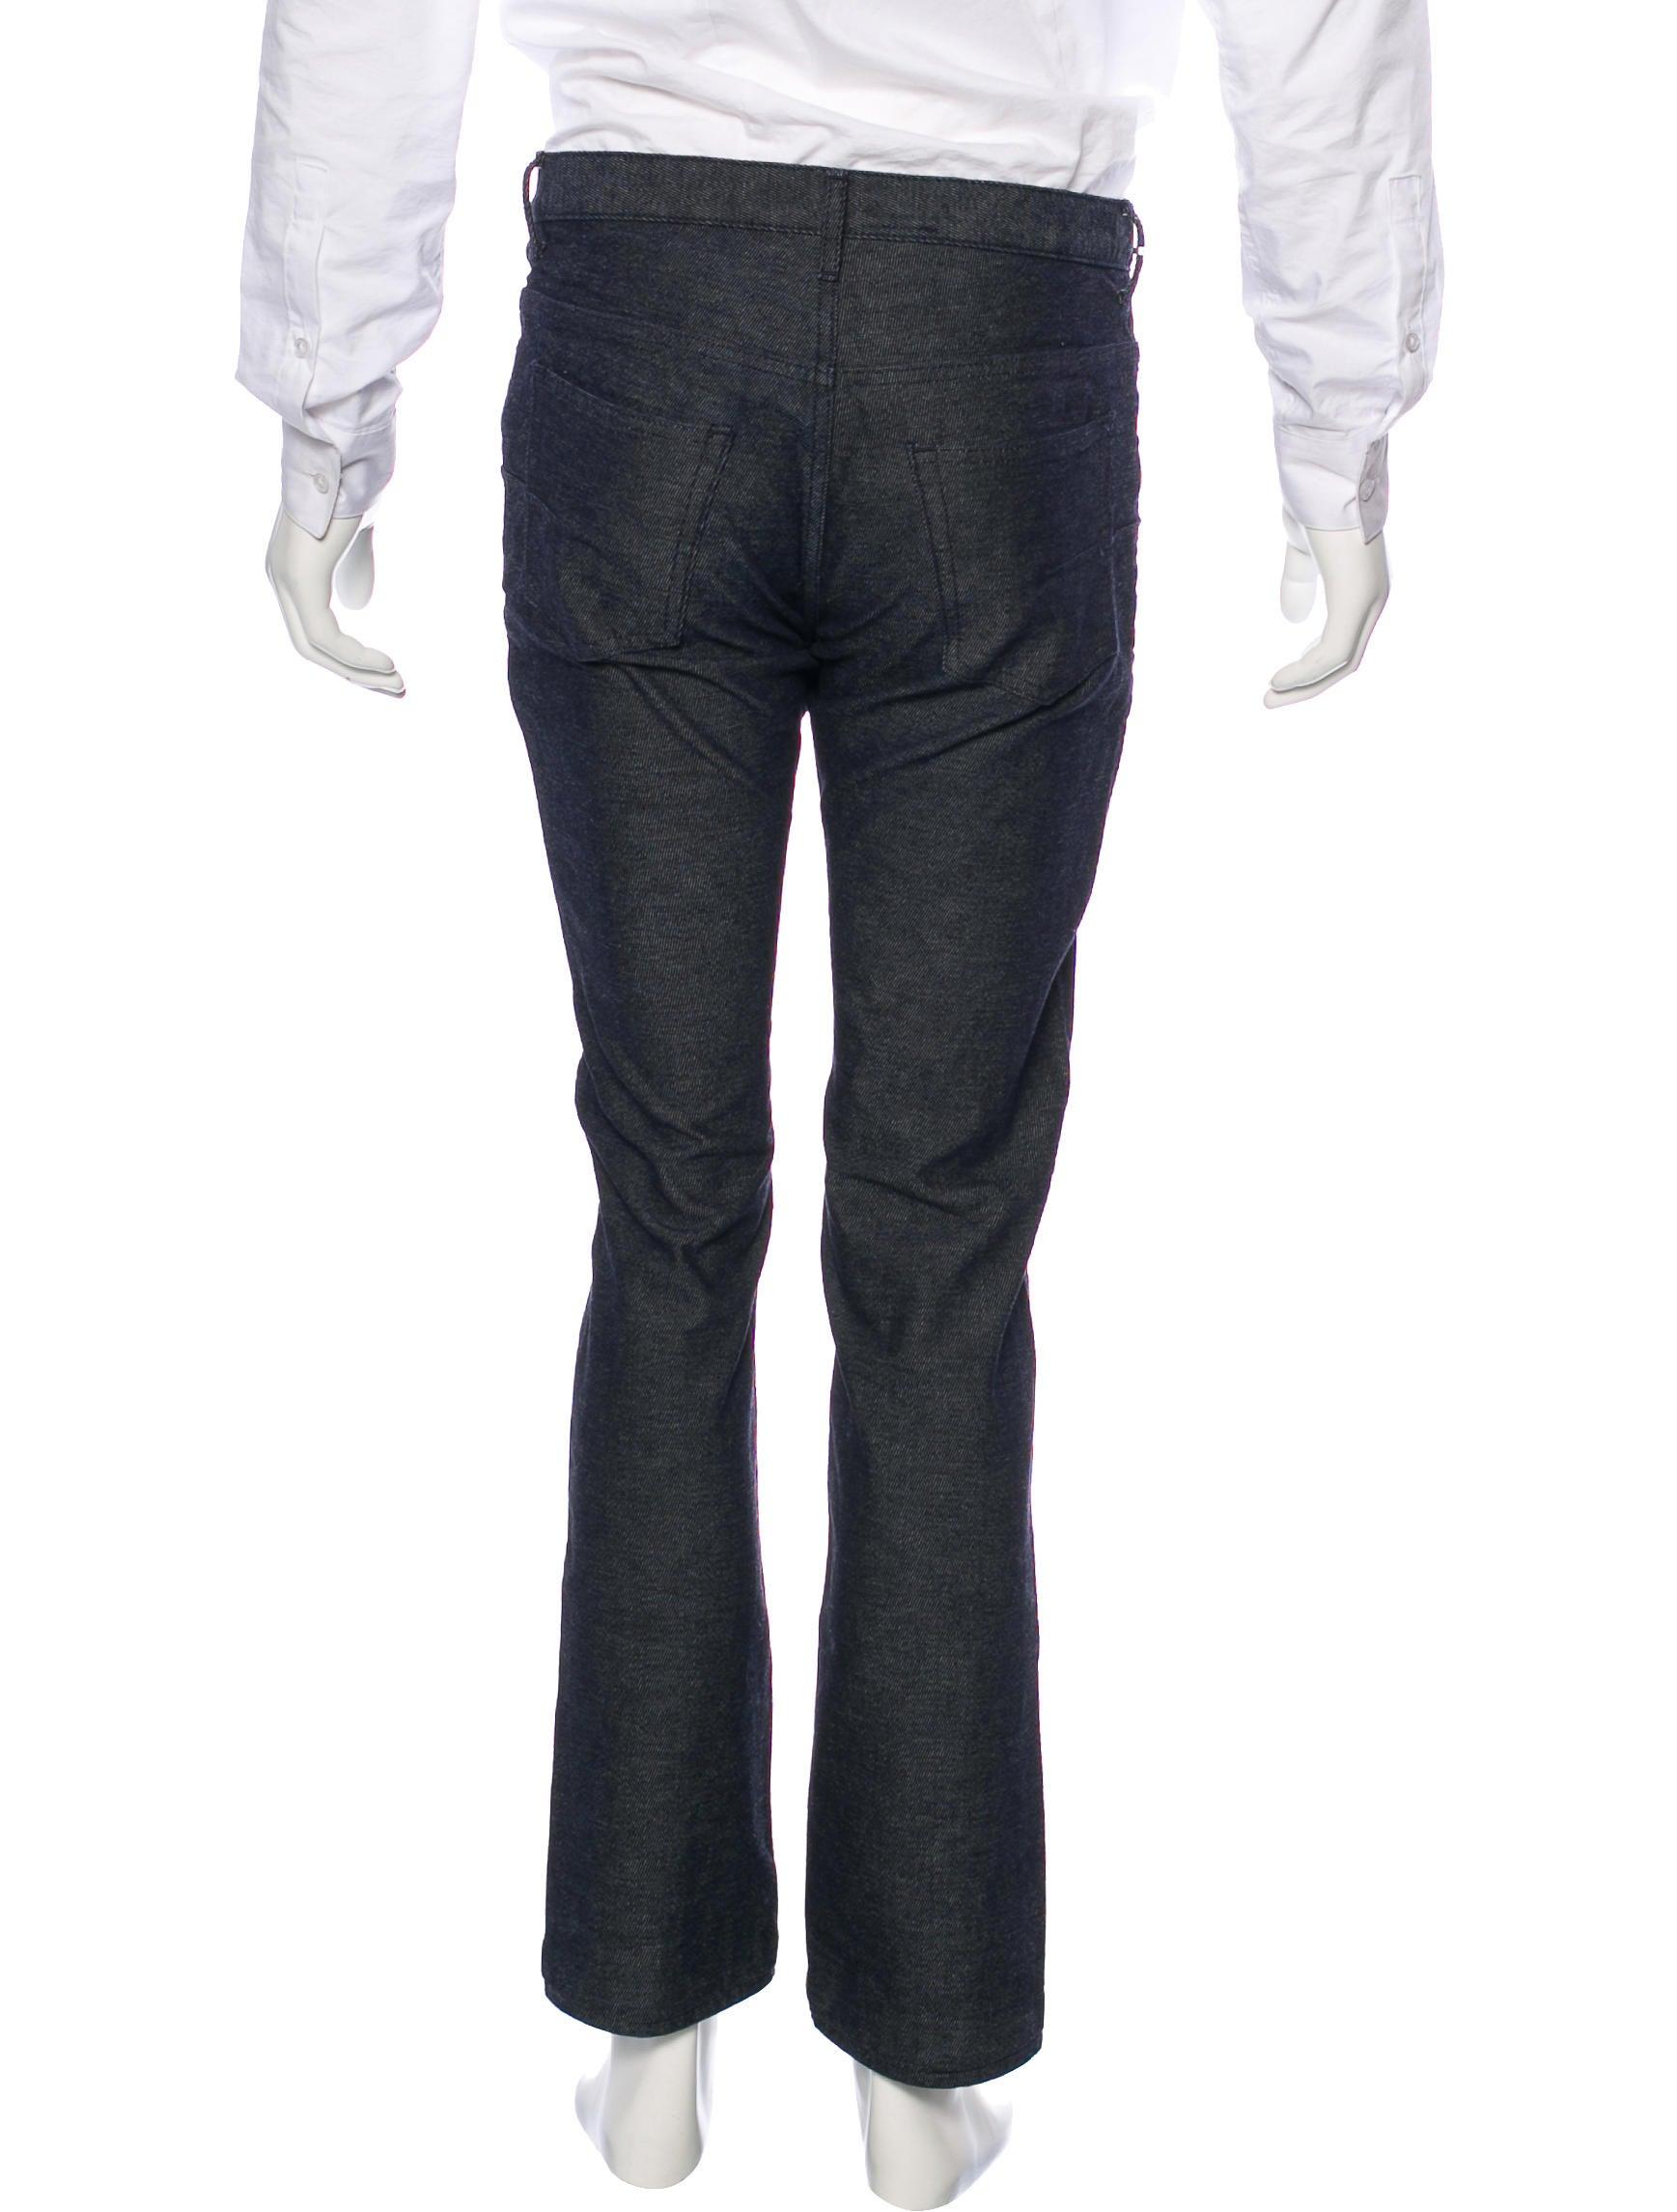 dior homme five pocket slim jeans clothing hmm23360. Black Bedroom Furniture Sets. Home Design Ideas